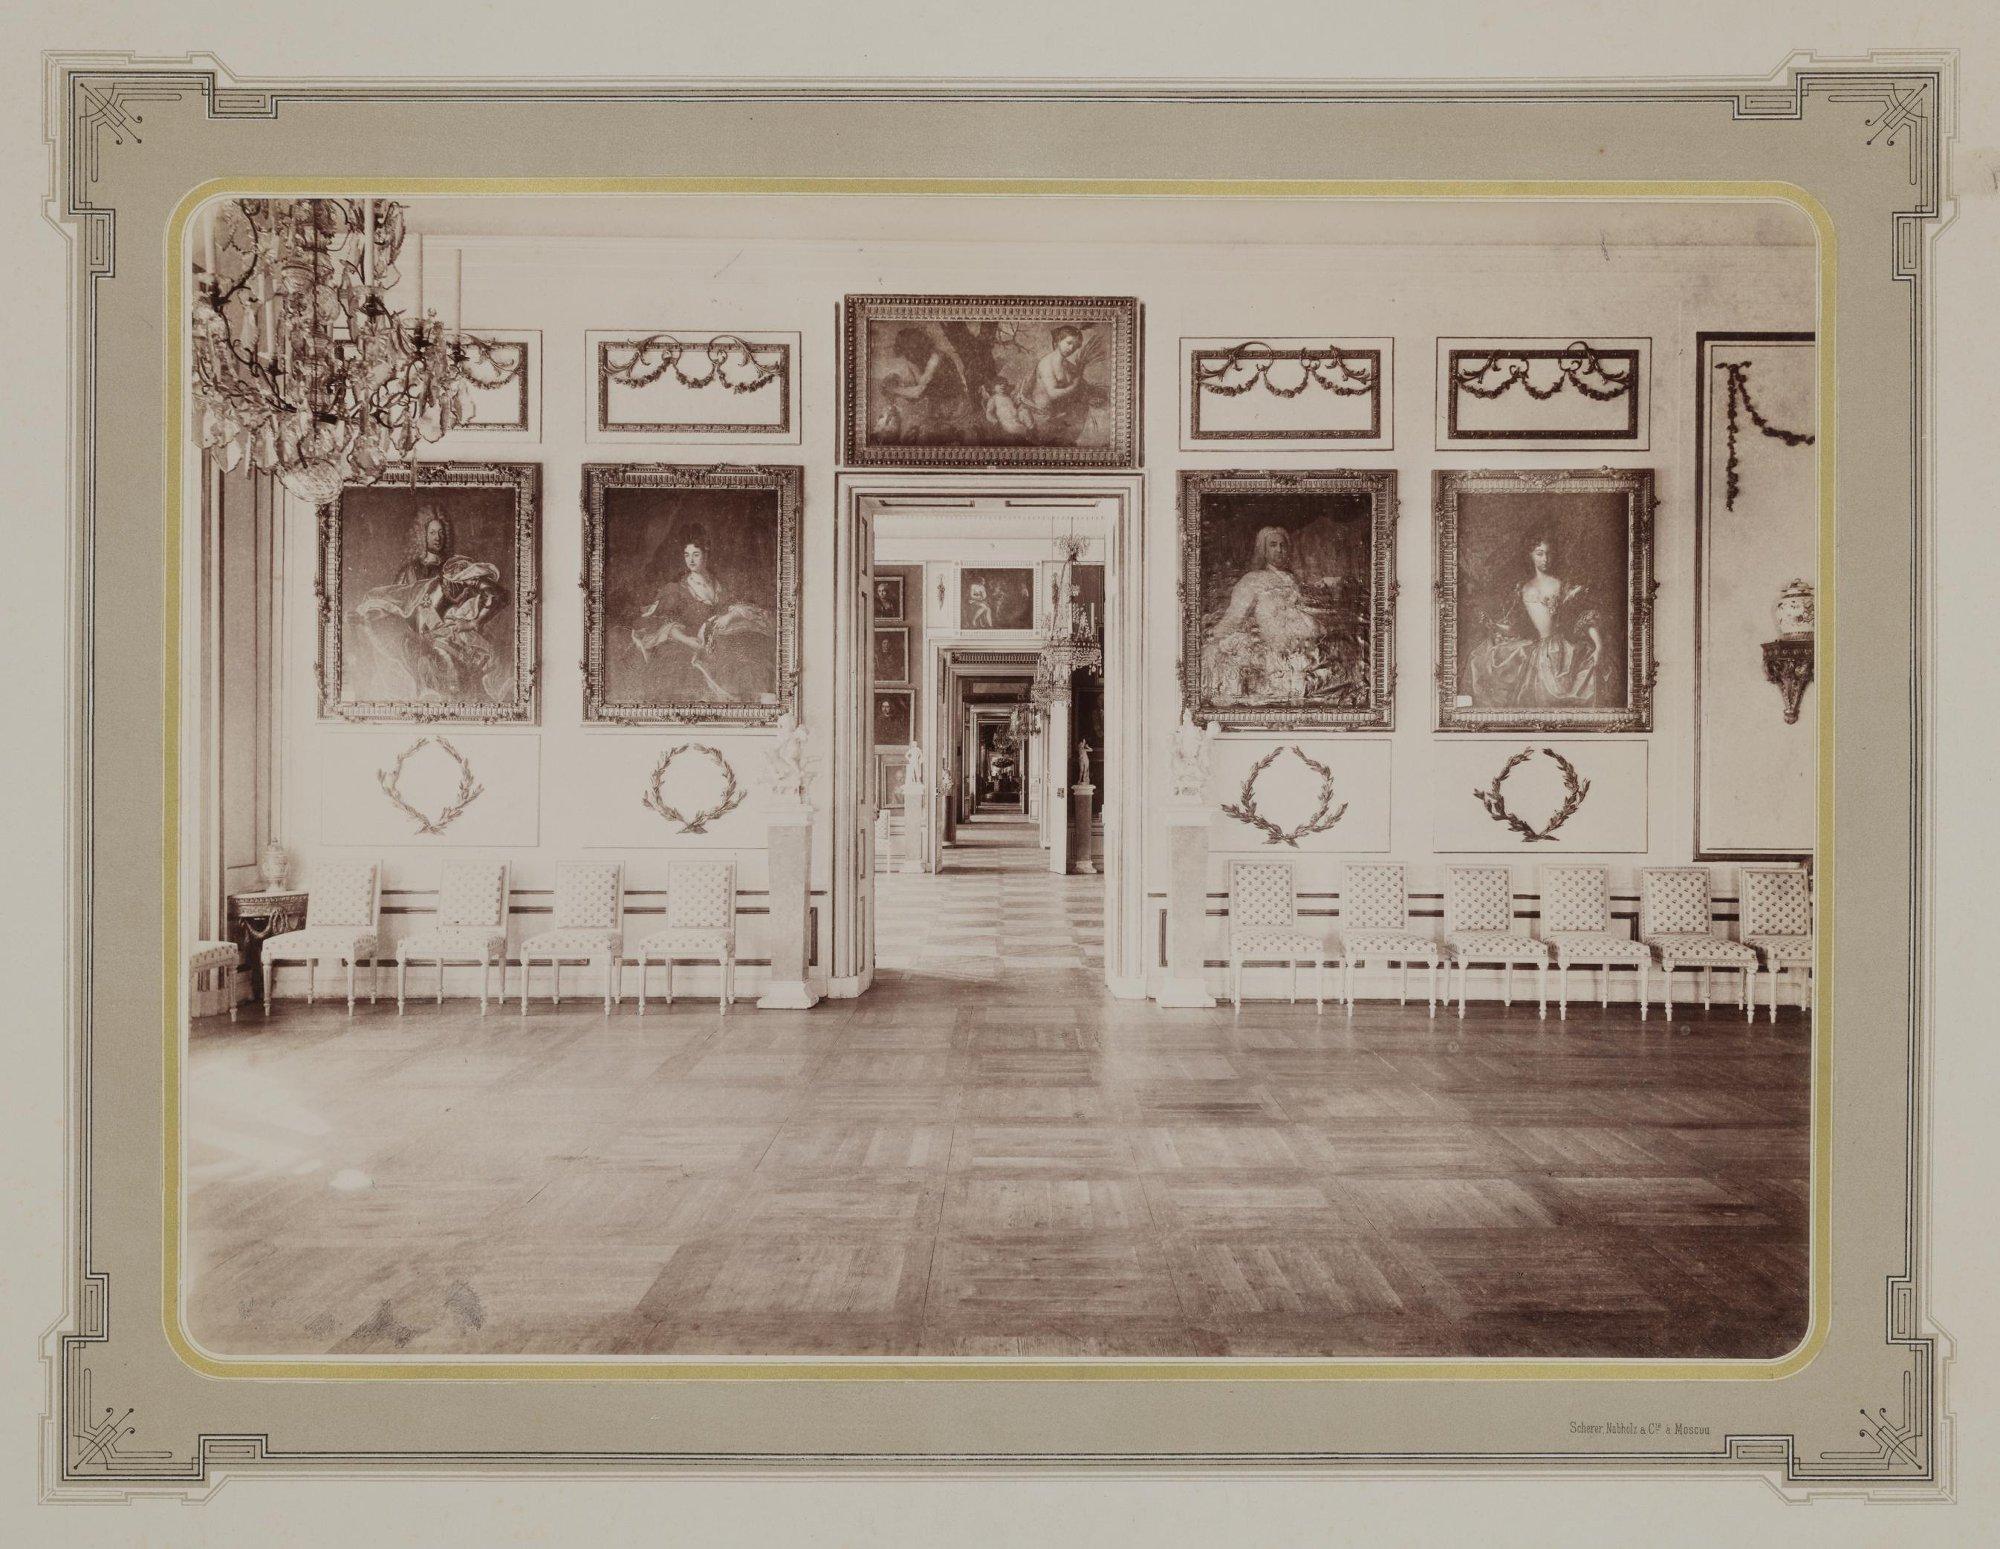 1883-1886. Усадьба Кусково. Дворец. Парадная столовая